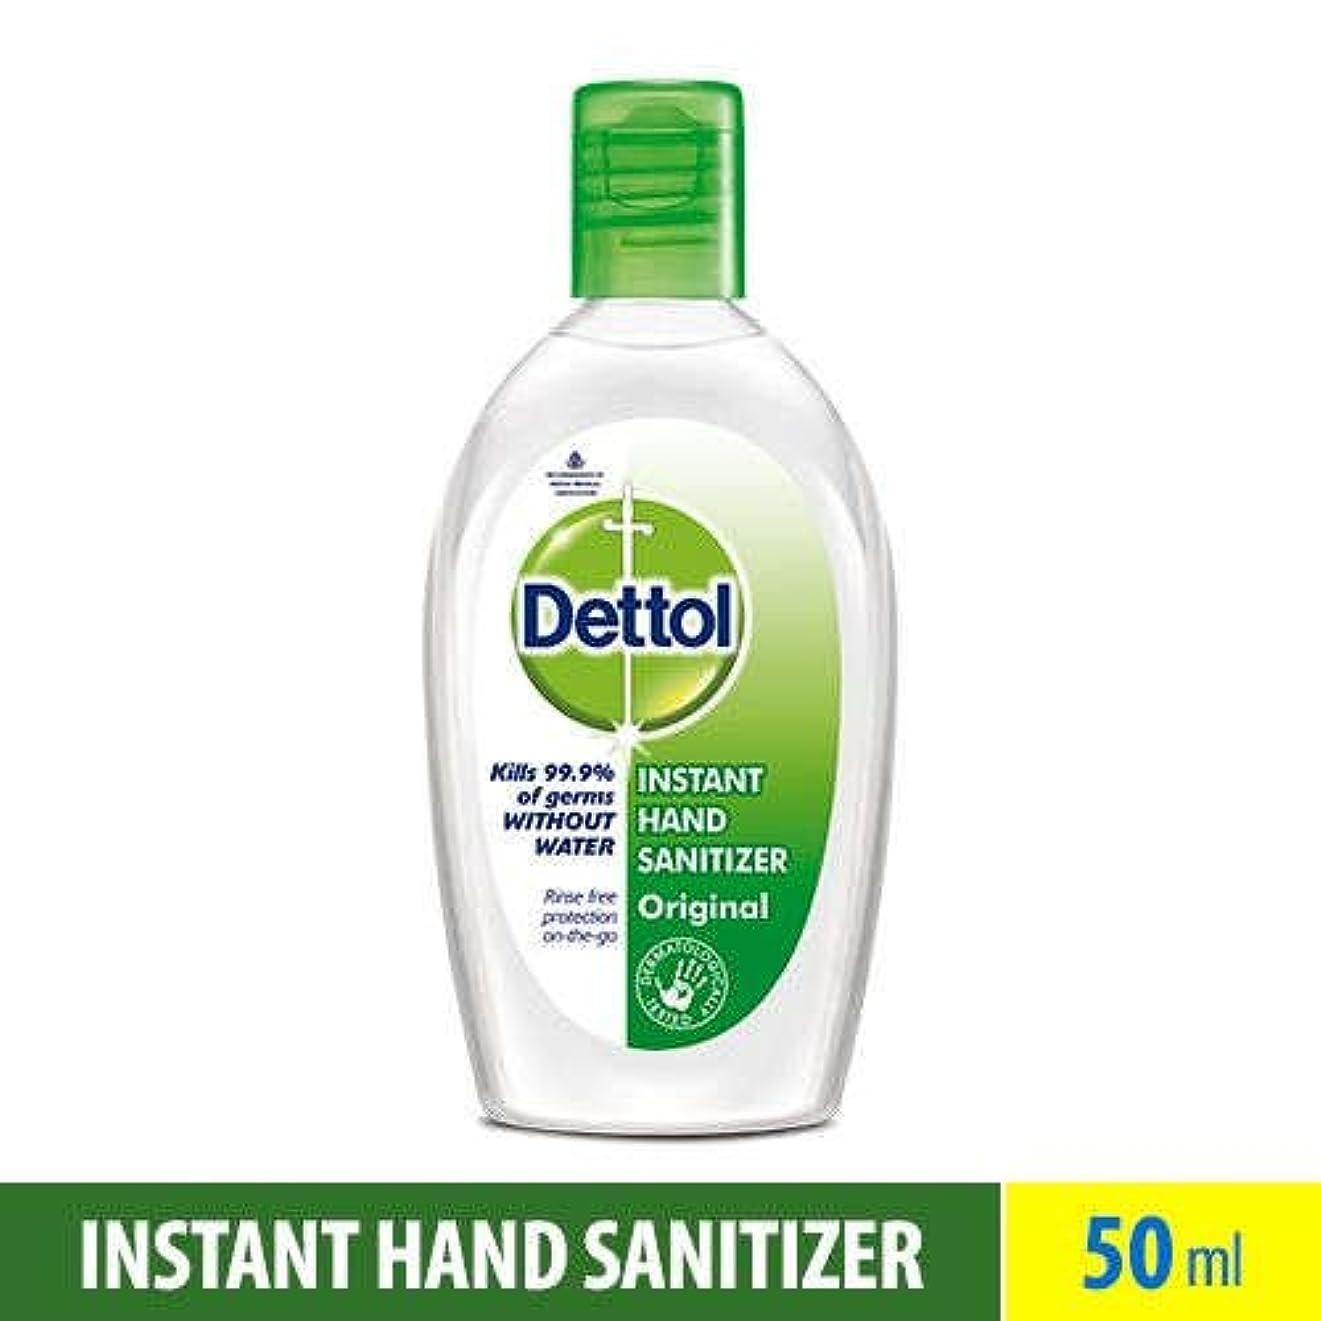 豚肉タンカー休戦Dettol Refresh Instant Hand Sanitizer 50ml